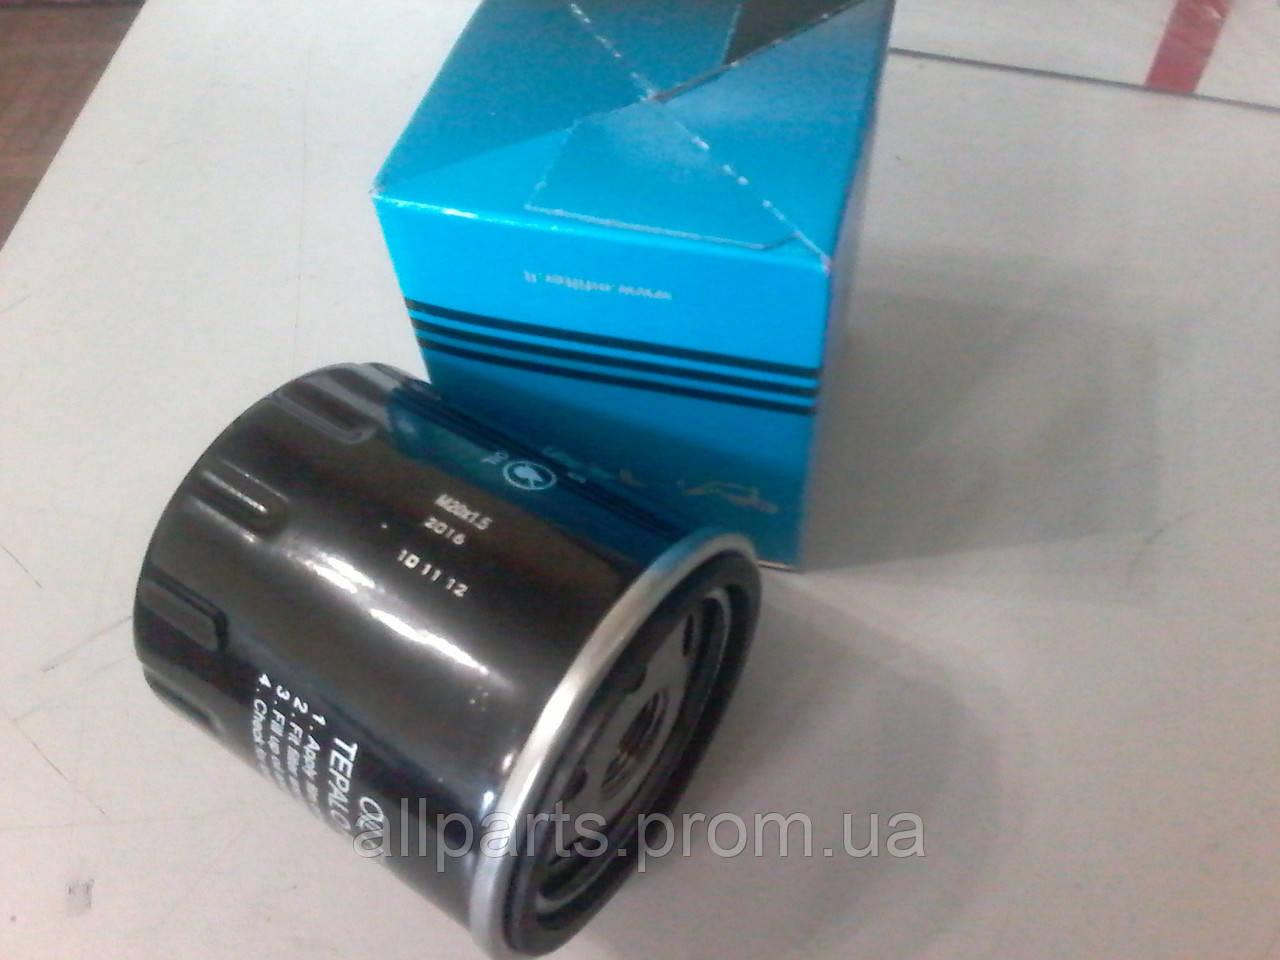 Фильтр масляный Samand 1.8 EL/LX